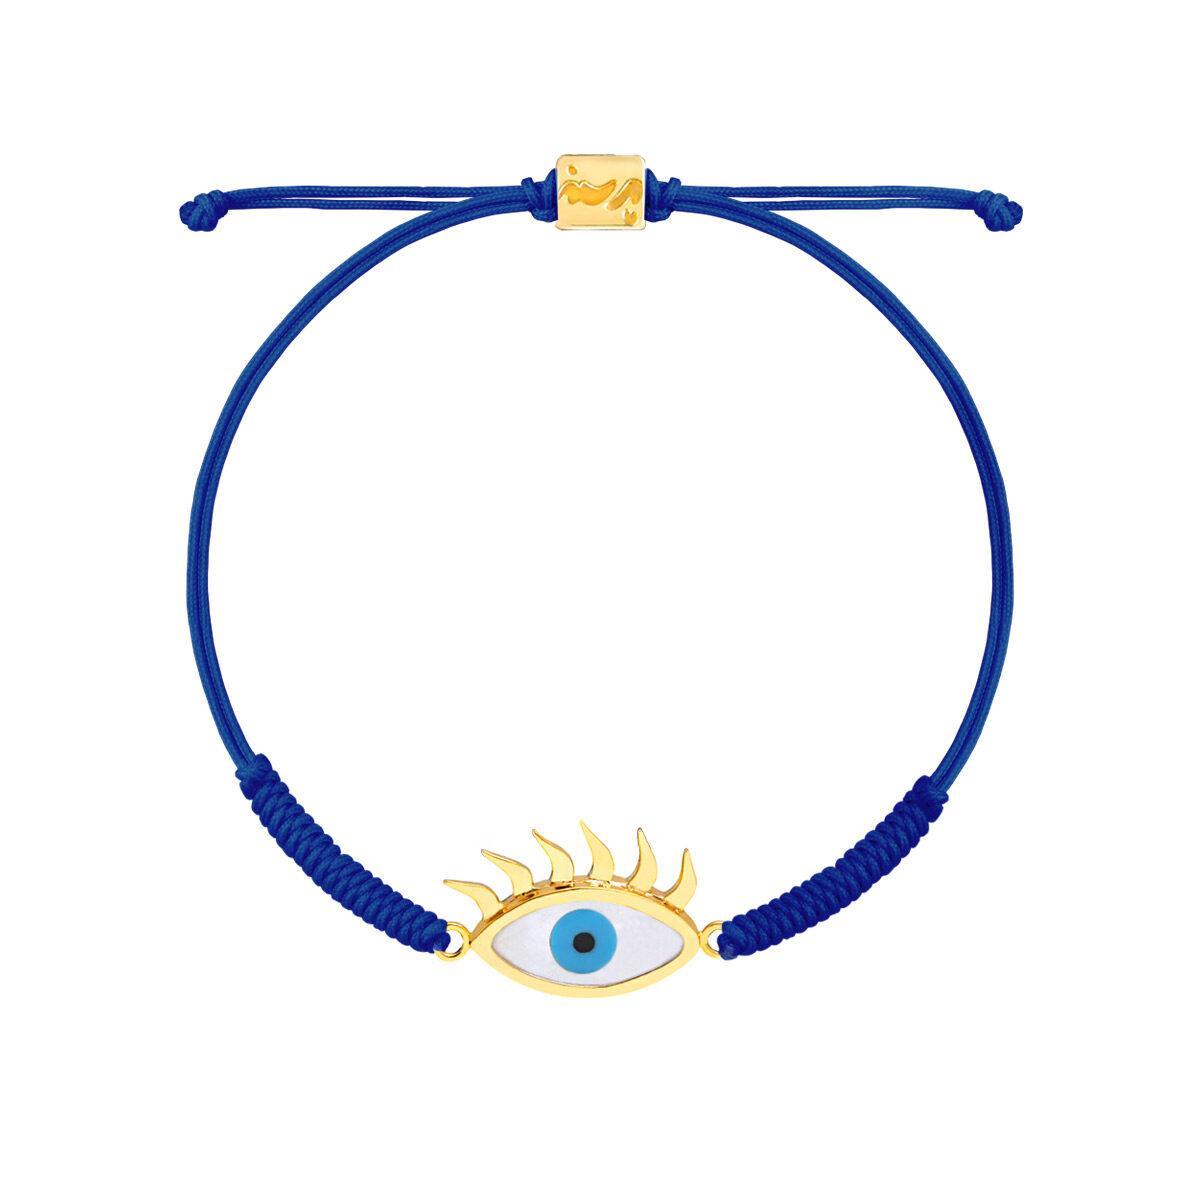 دستبند طلا بافت مکرمه آبی چشم مژه دار